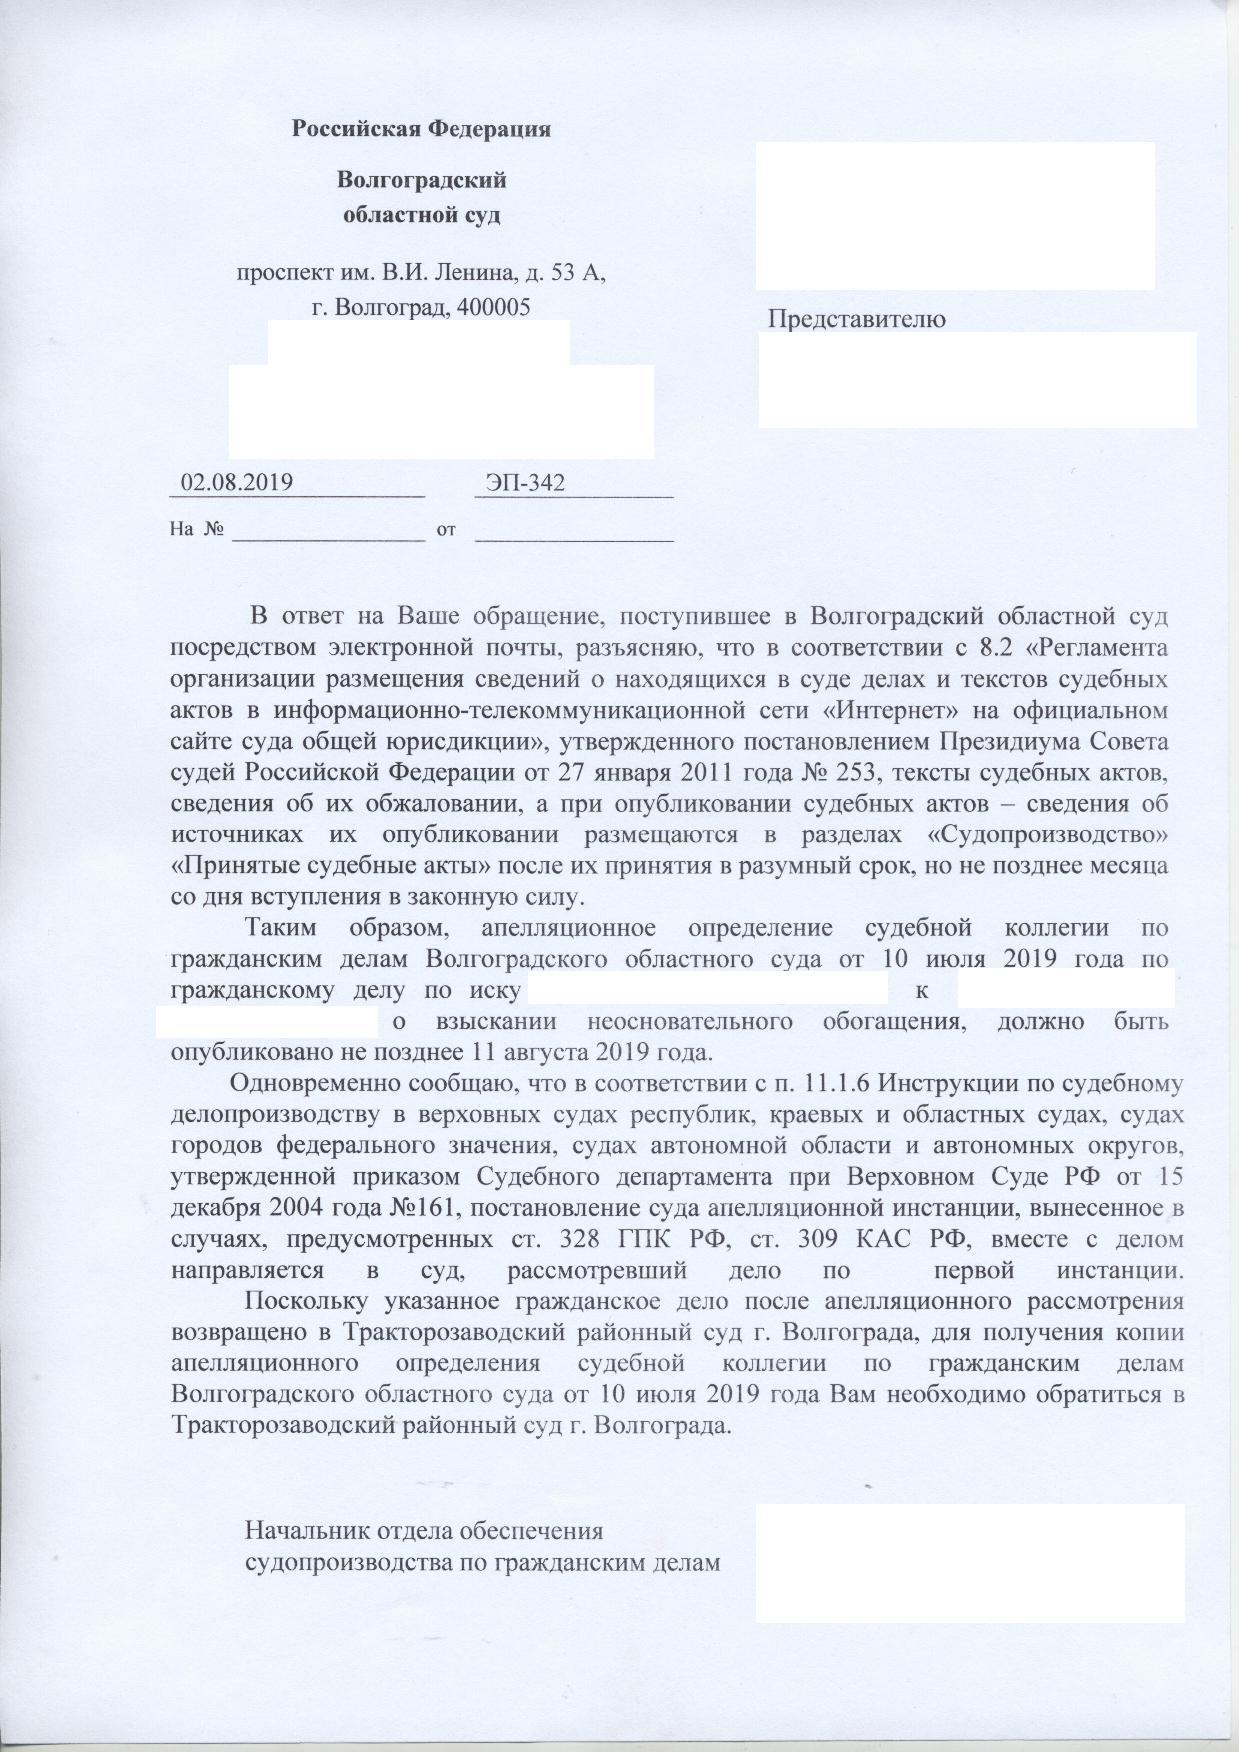 областной суд второй инстанции